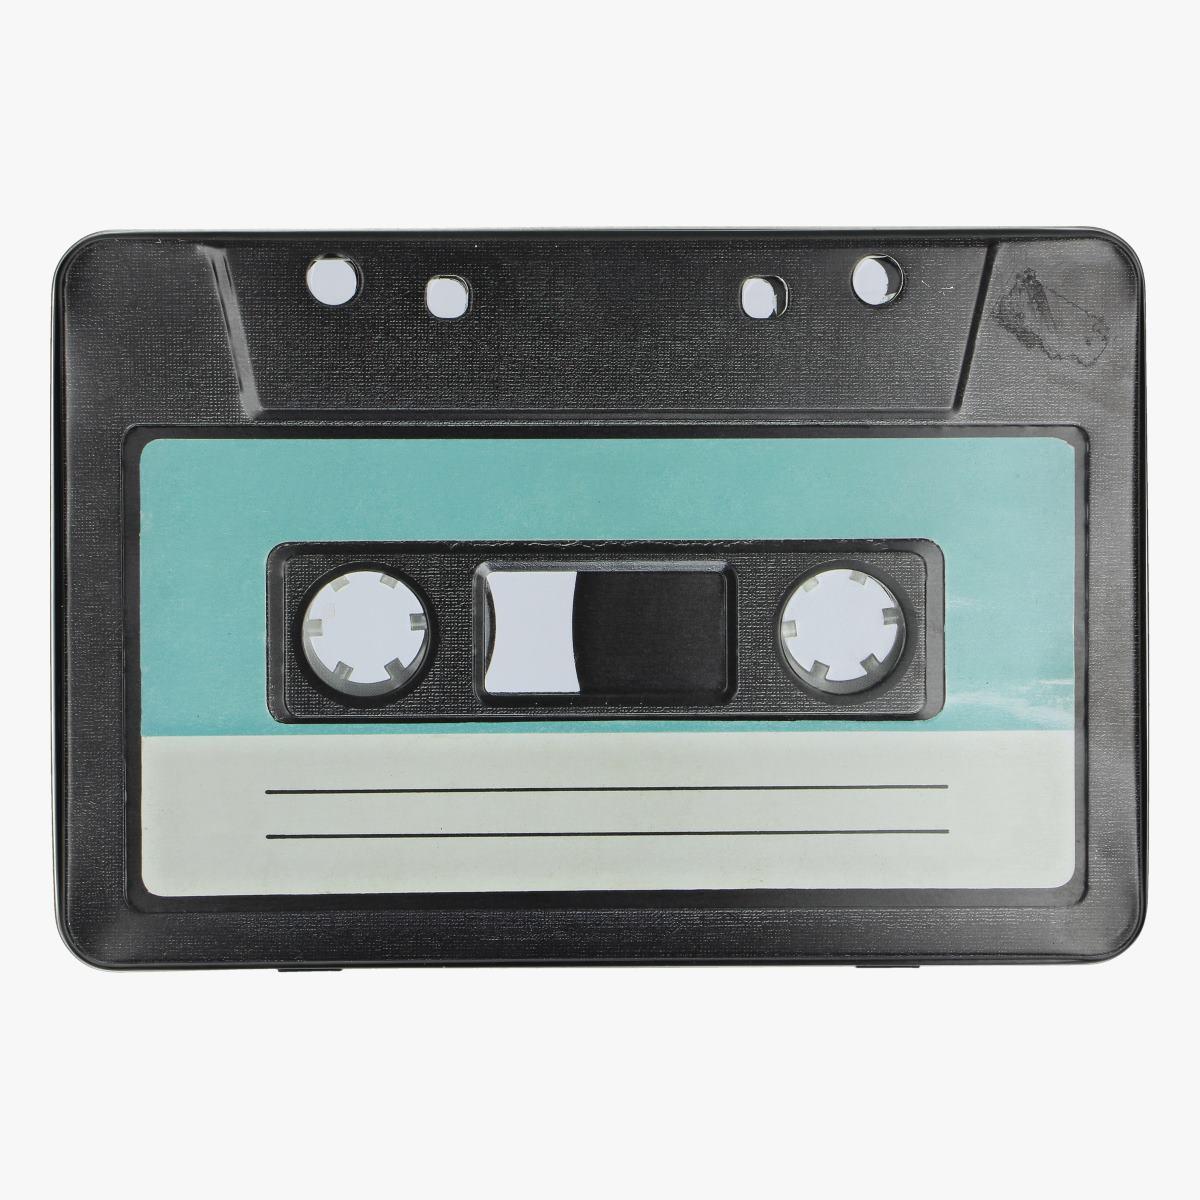 Afbeeldingen van blikkenn doos cassette